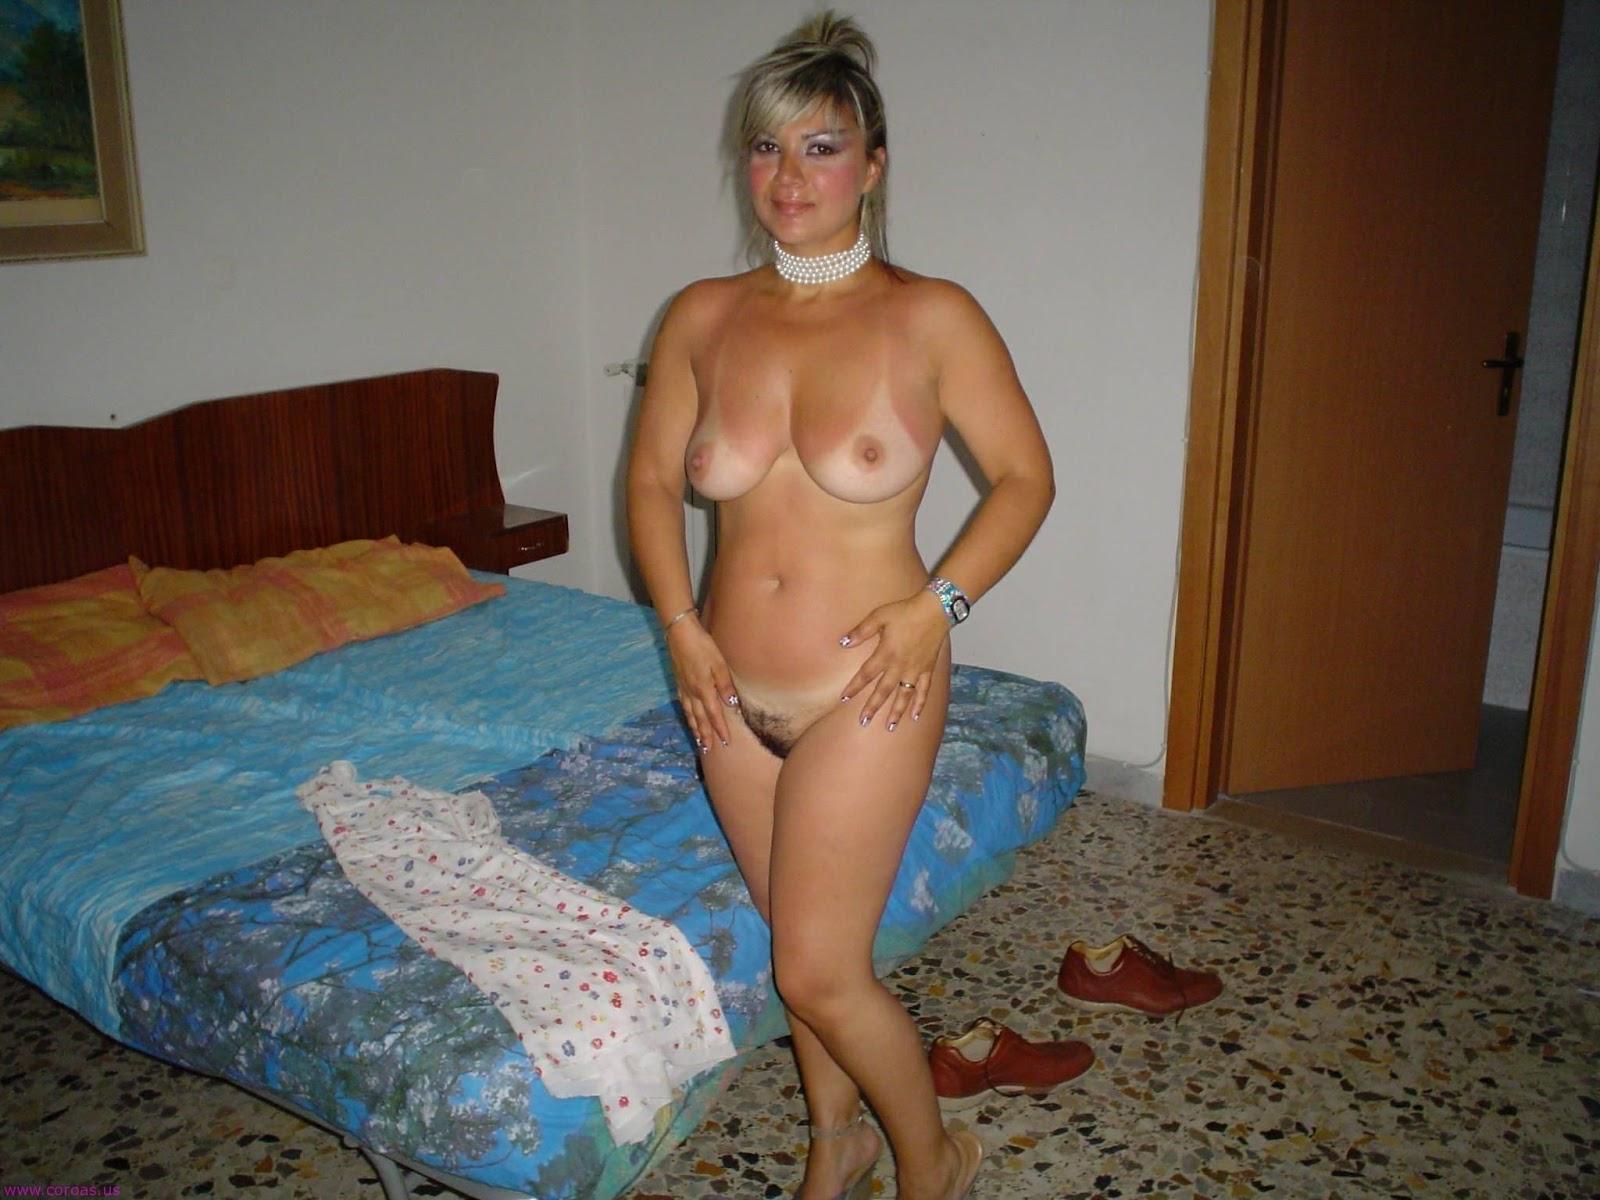 Частное фото галереи зрелых женщин голые, Порно фото мам, зрелых женщин 30 фотография